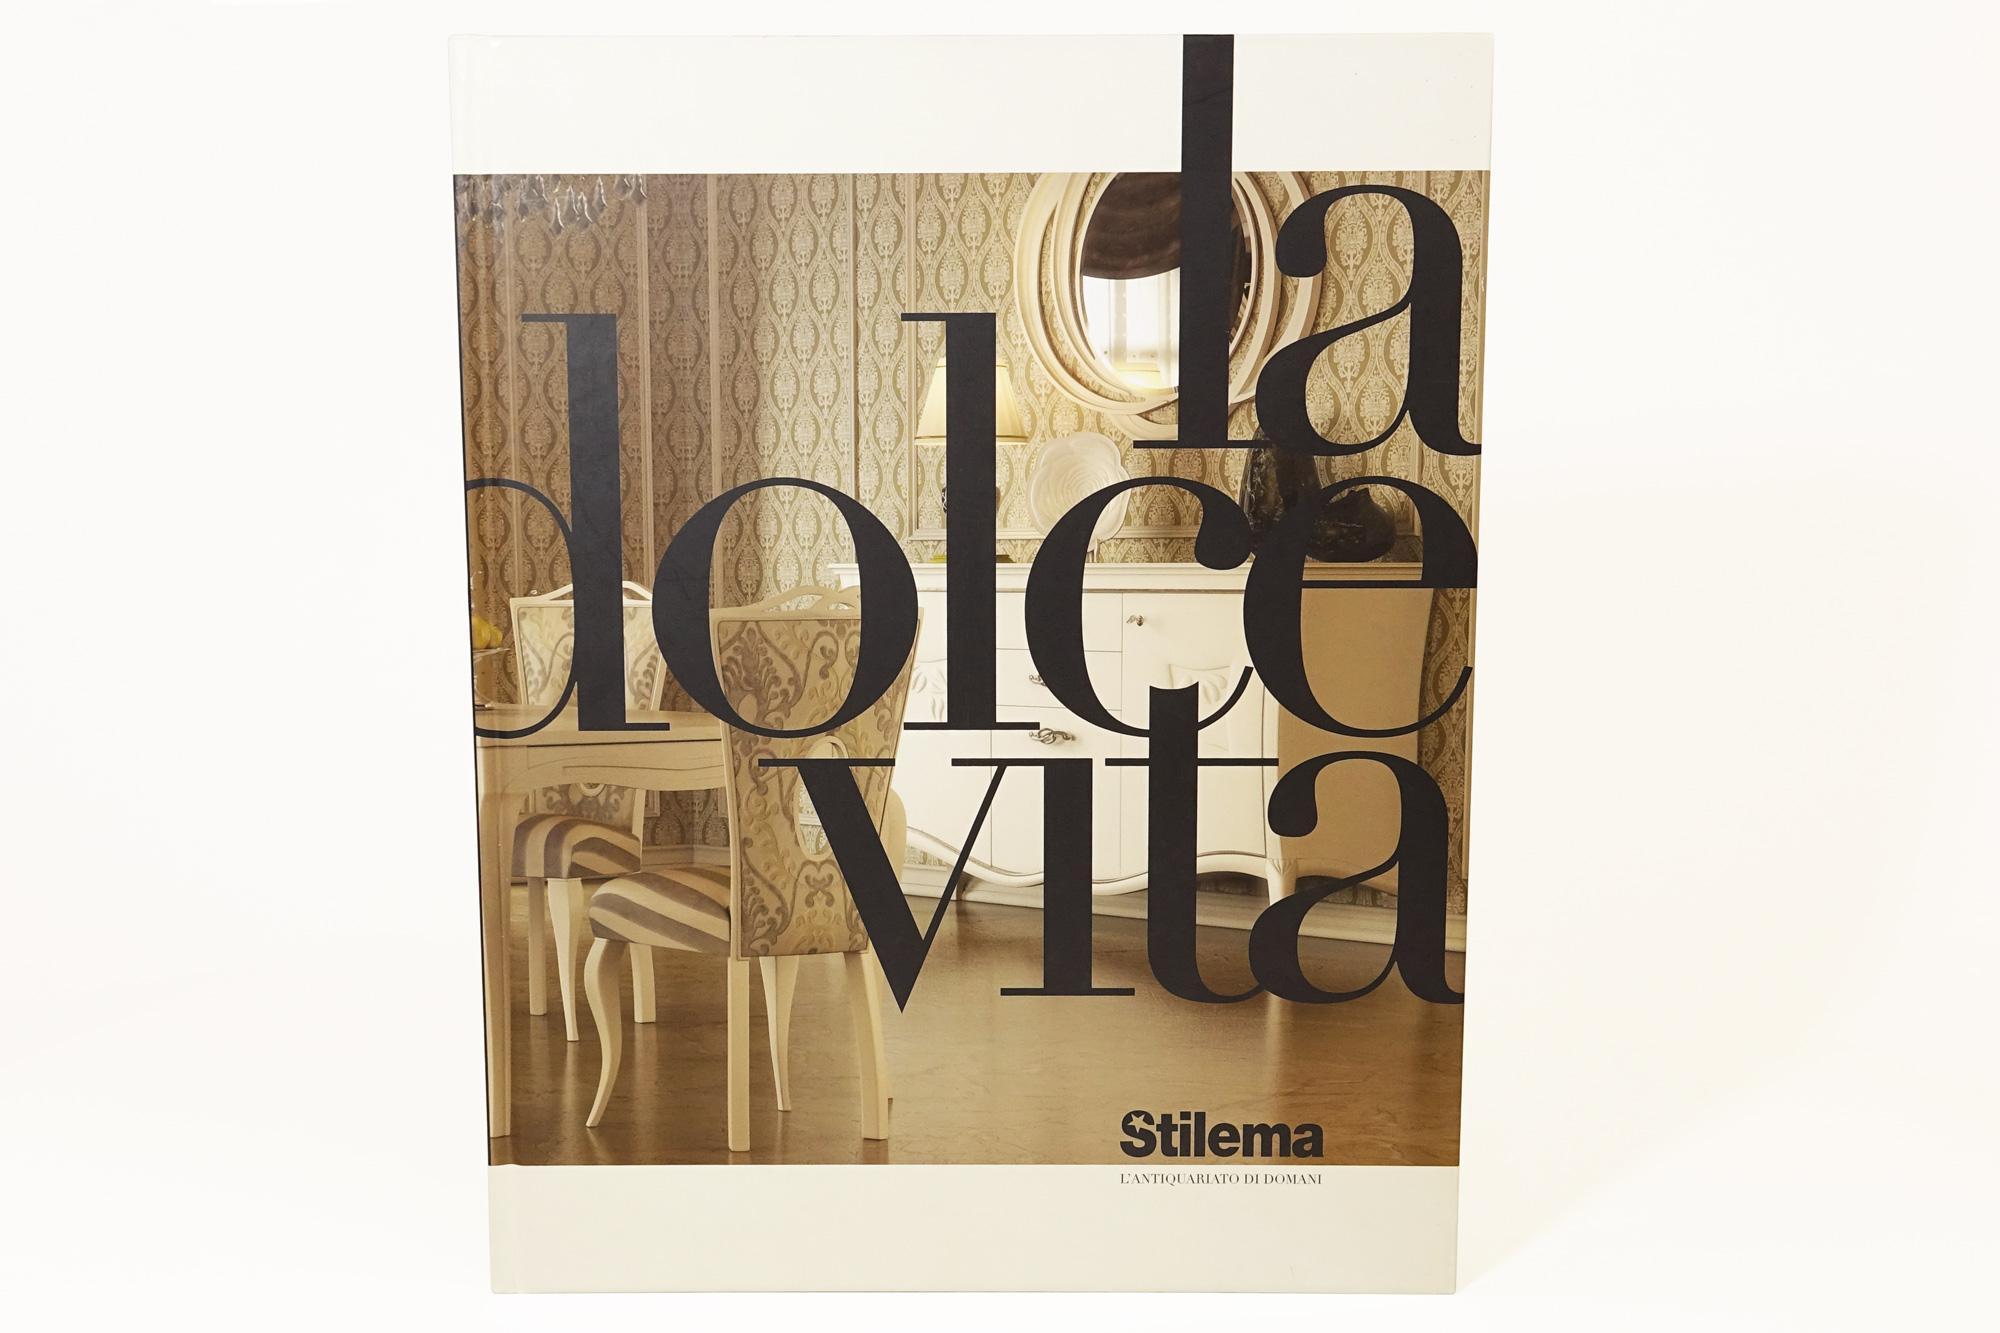 studio bartolini cataloghi grafici rendering 3D Stilema la Dolce Vita Urbino Mobile classico